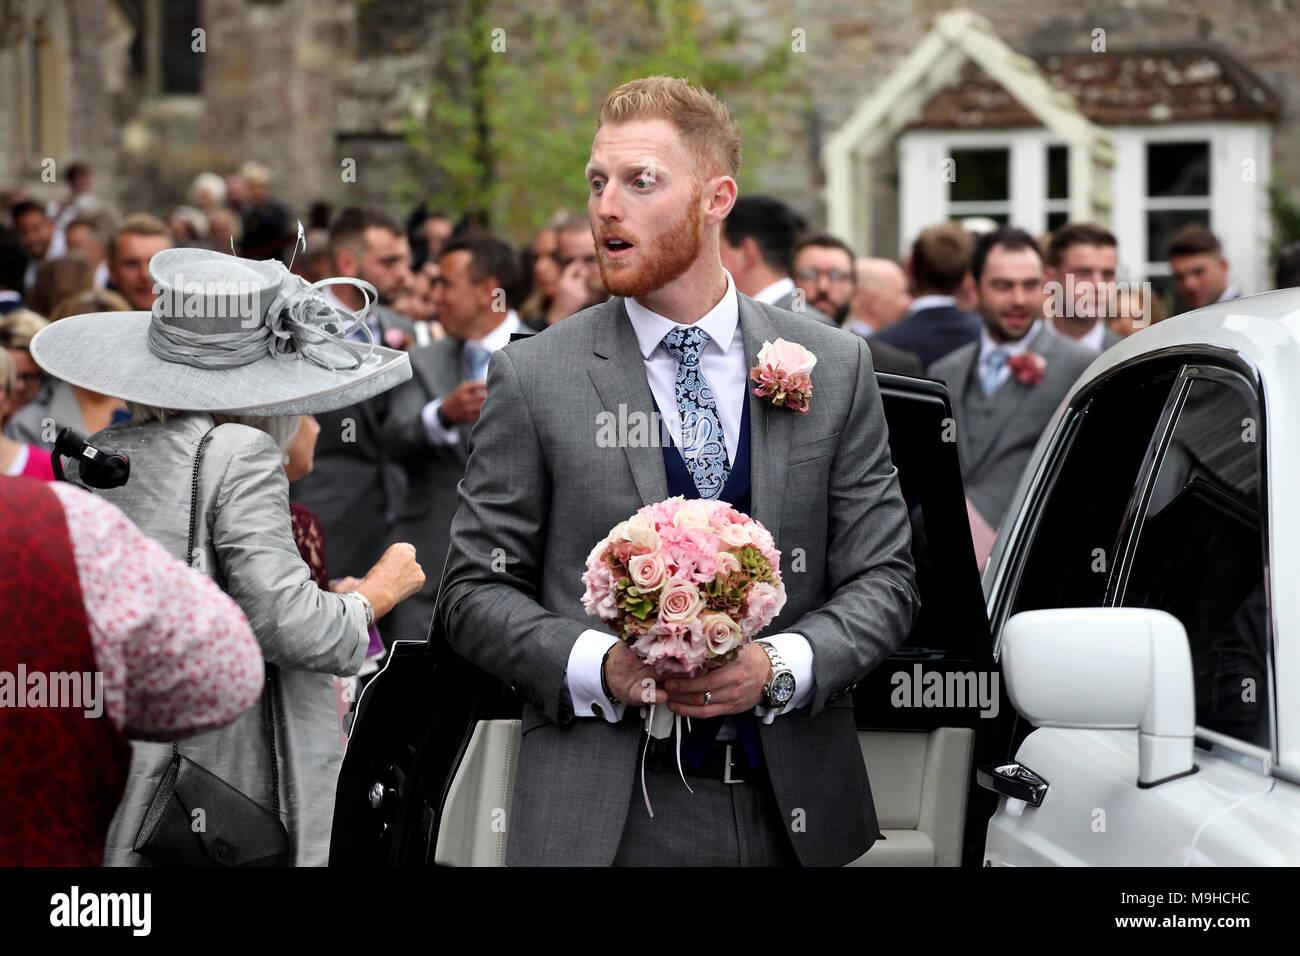 Matrimonio In Inghilterra : Il matrimonio di inghilterra cricket star ben stokes a claire